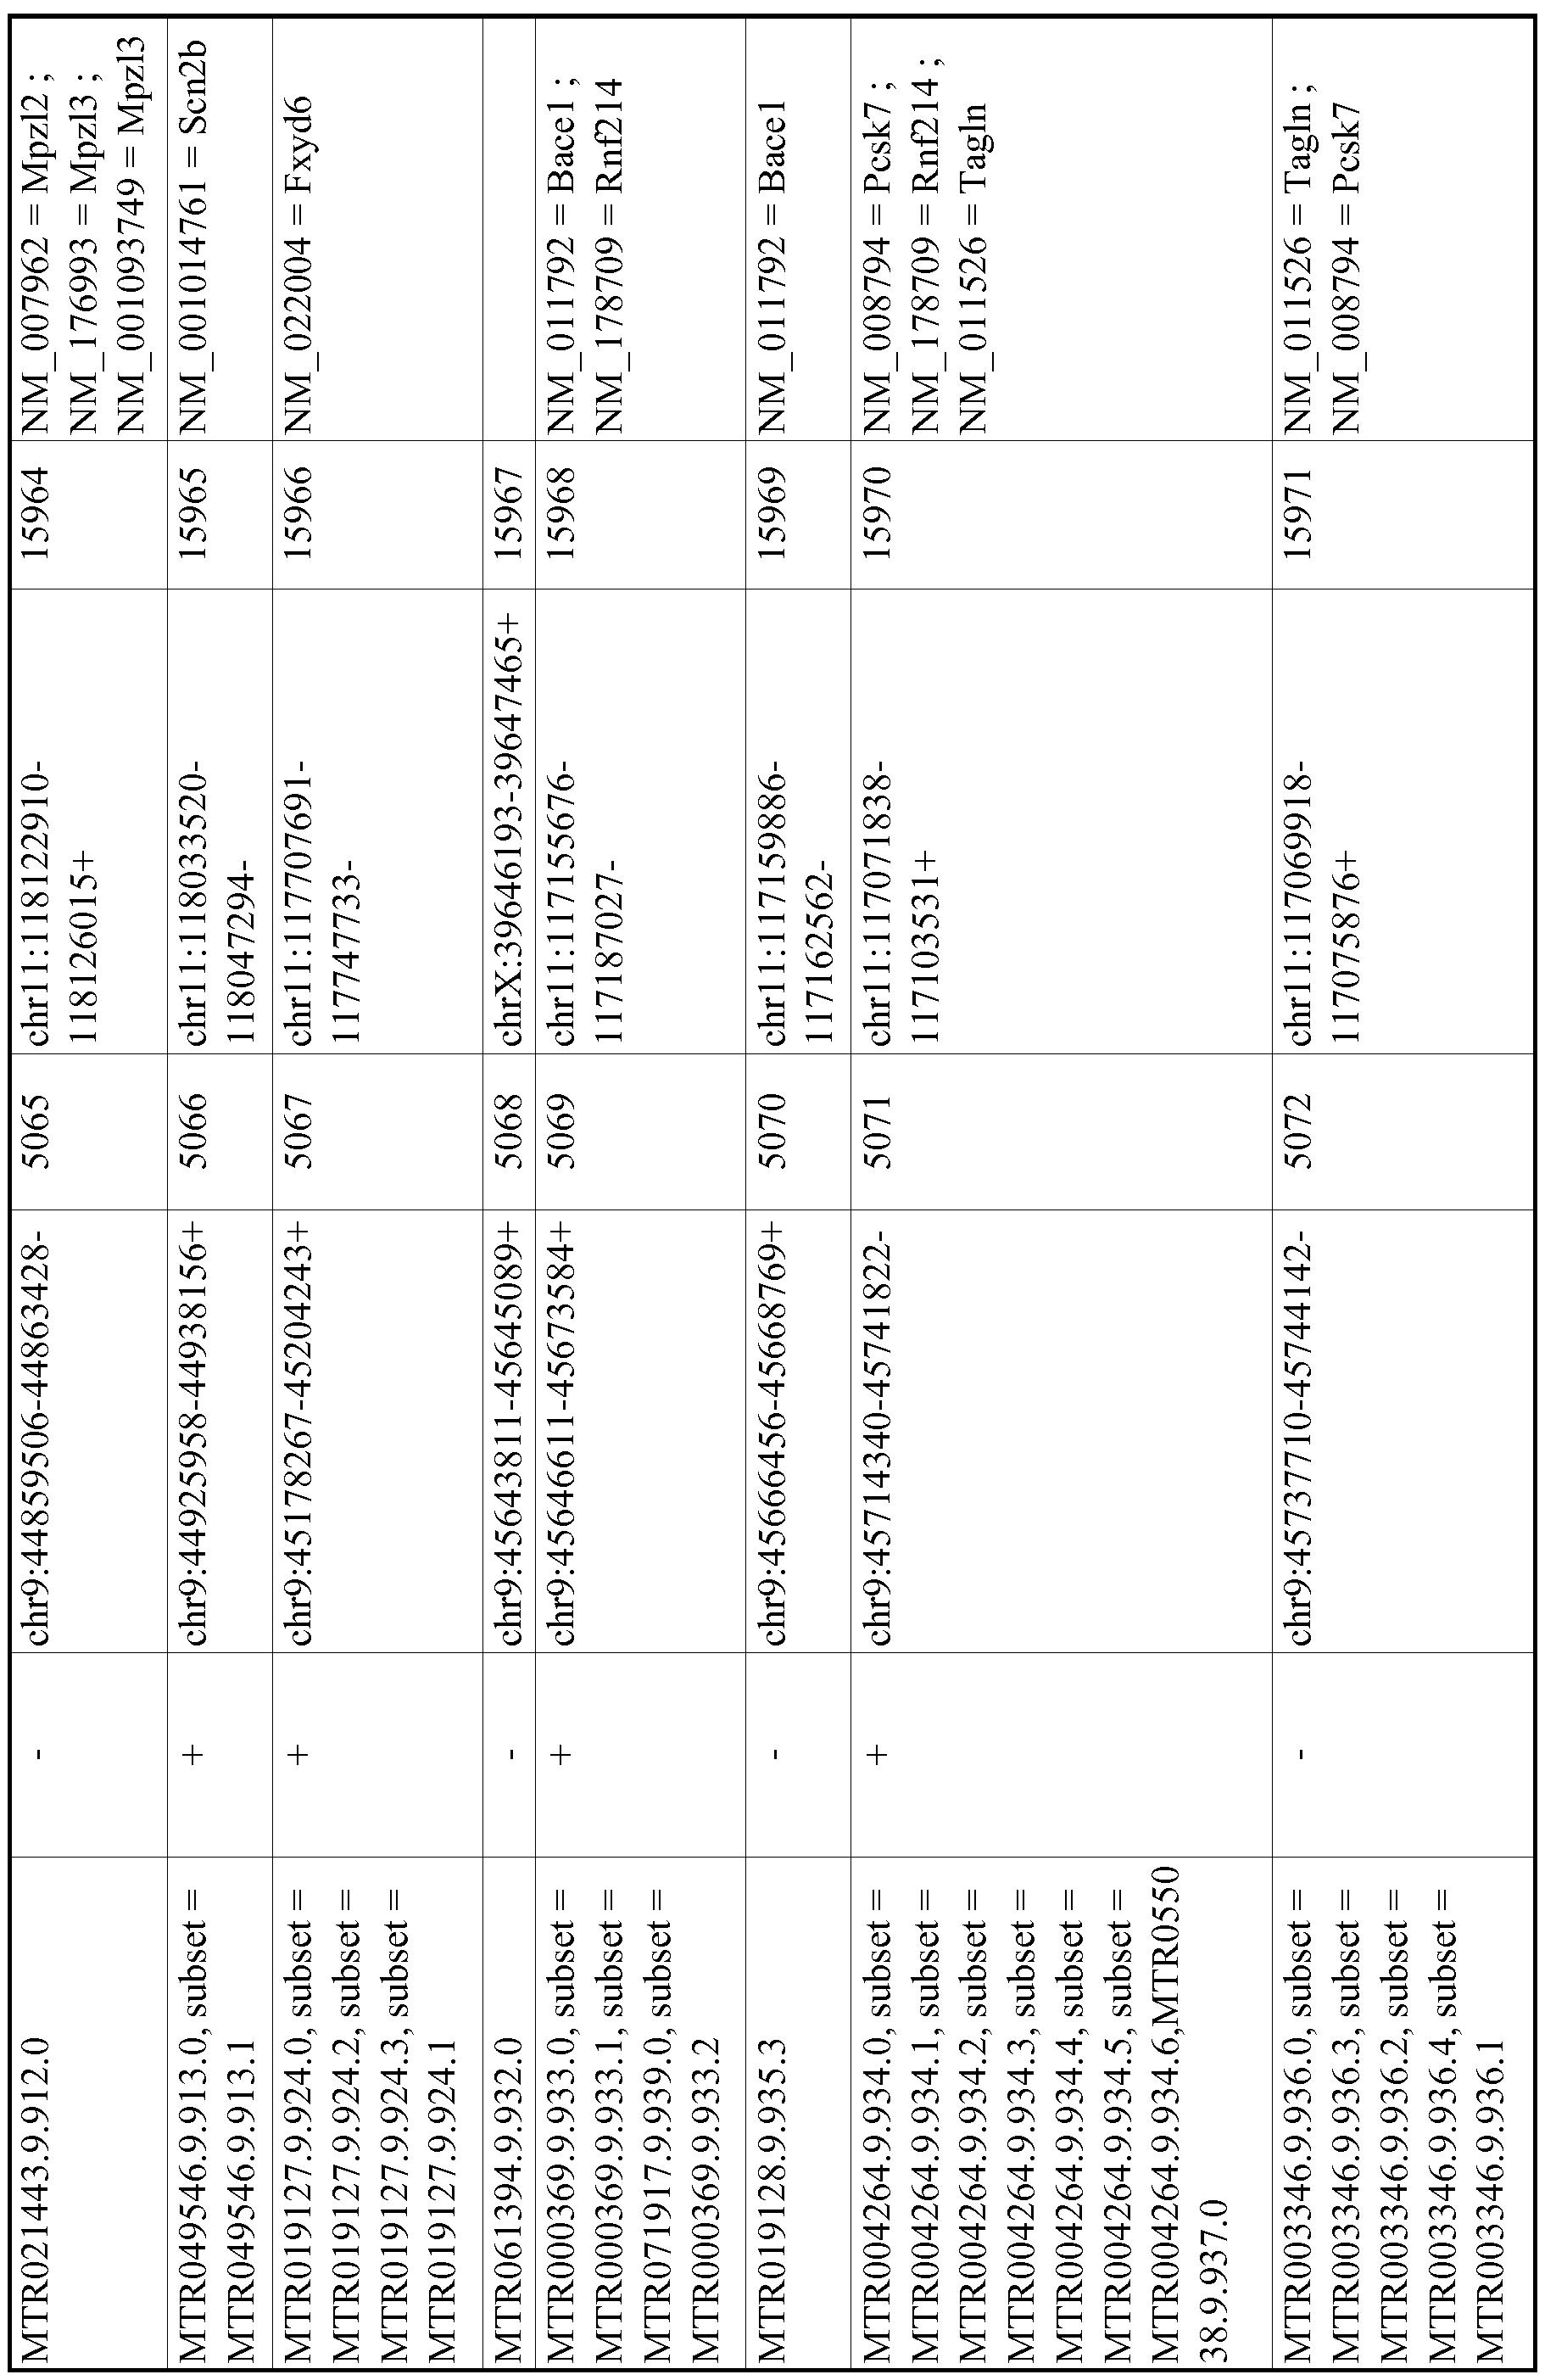 Figure imgf000925_0001